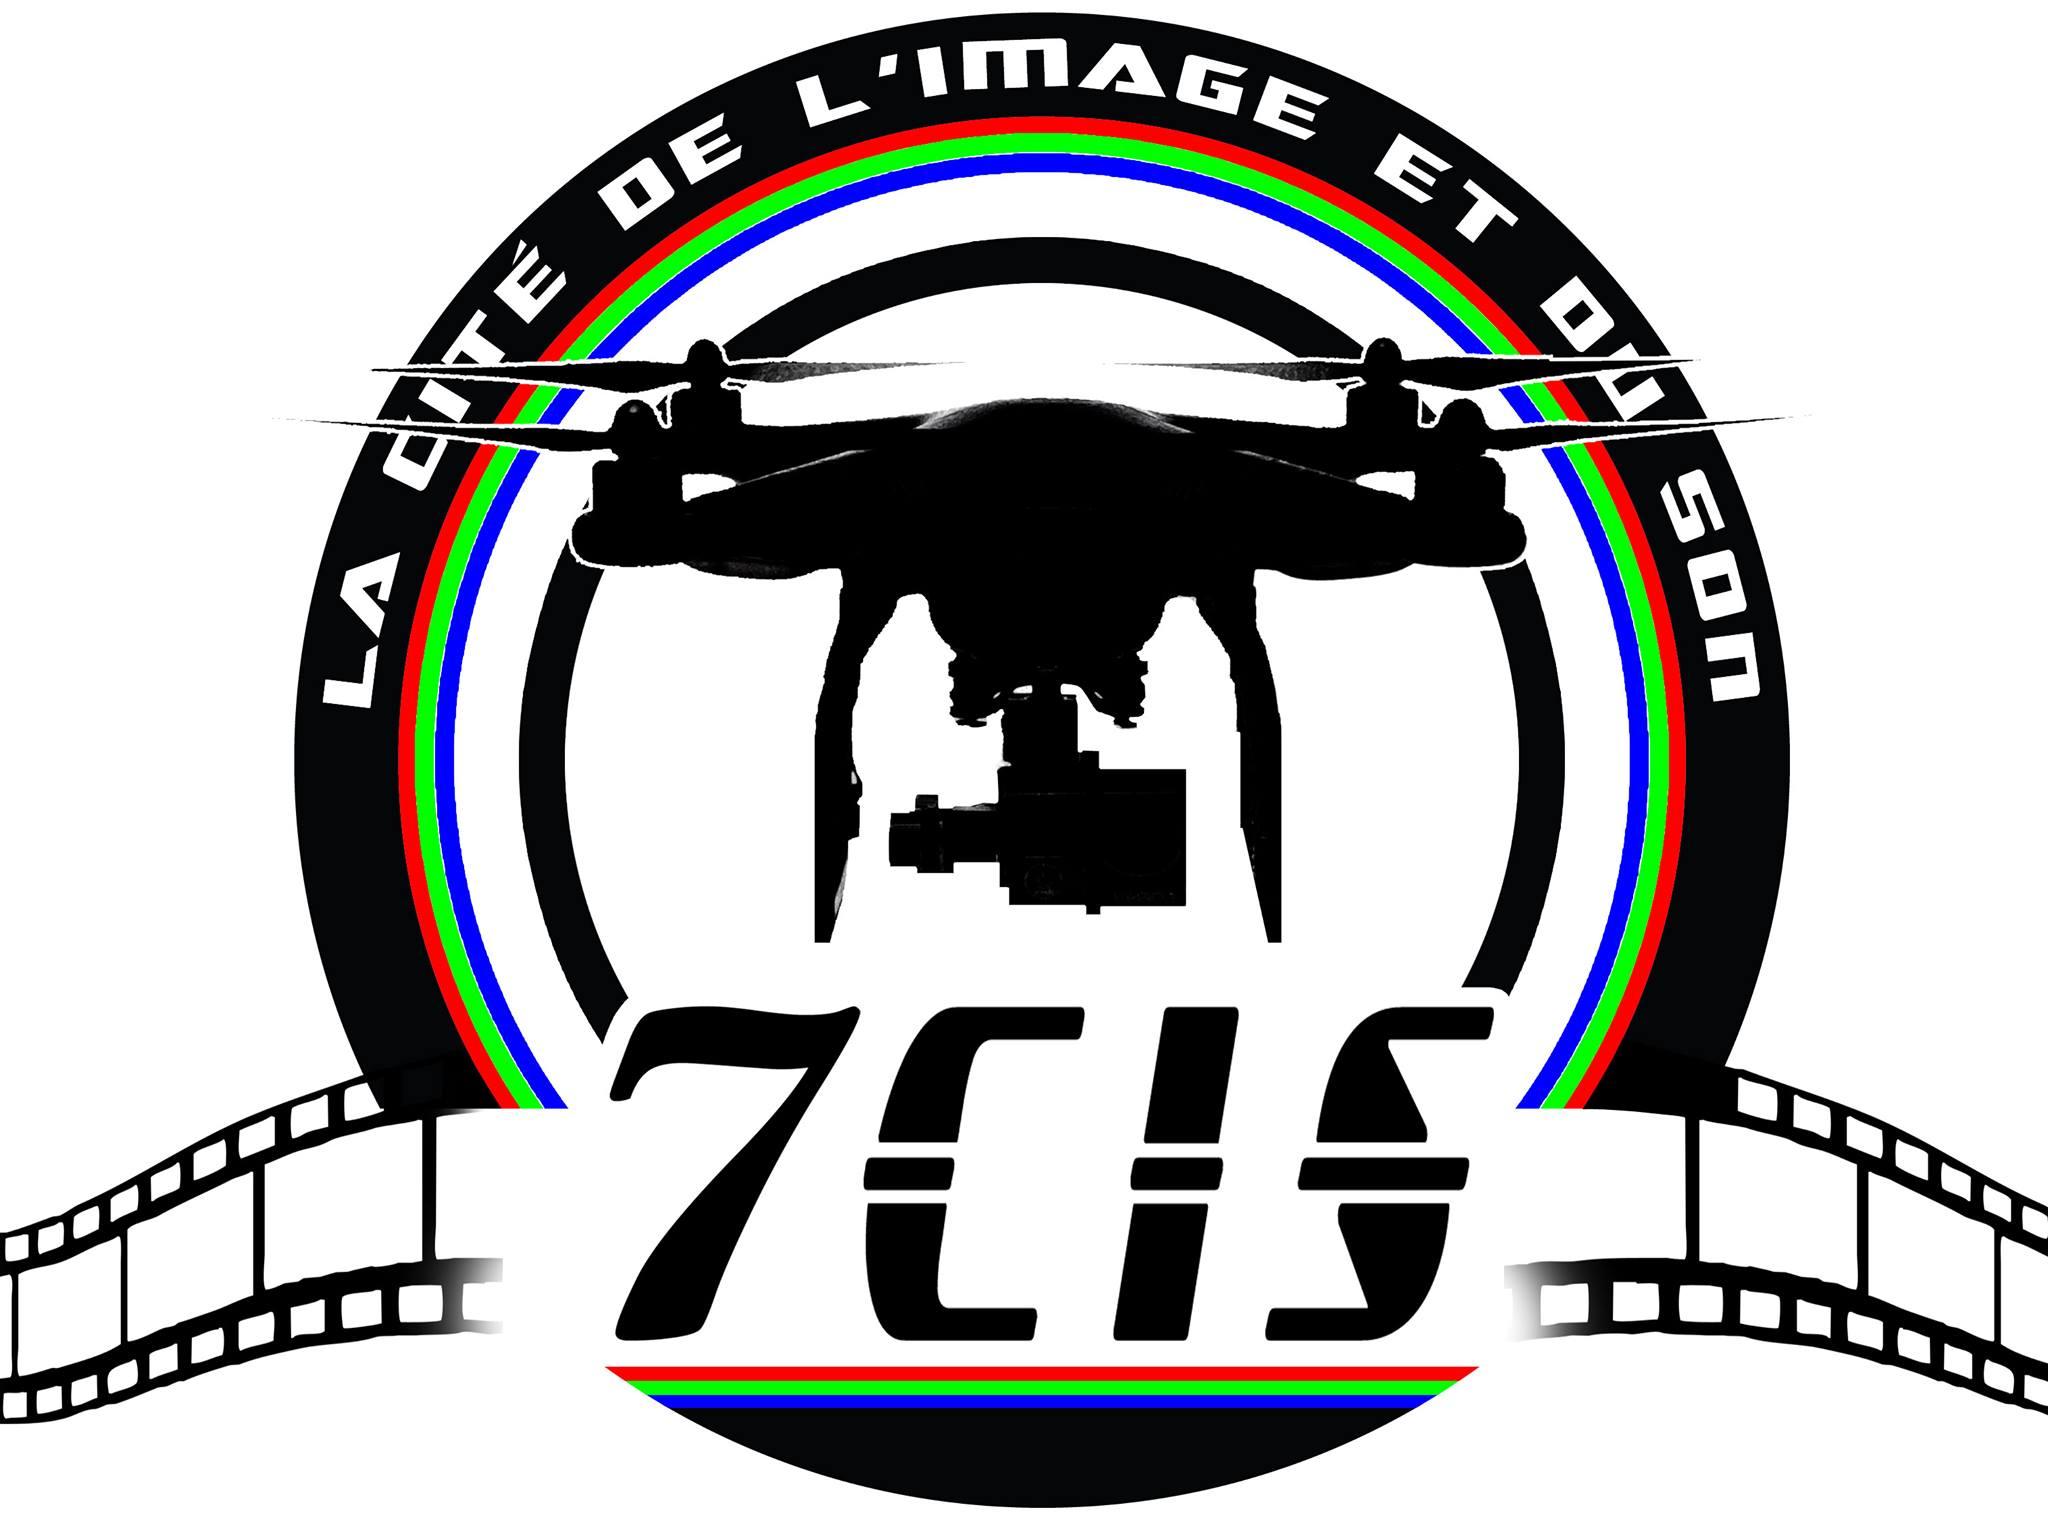 7CIS - La Cité de l'Image & du Son